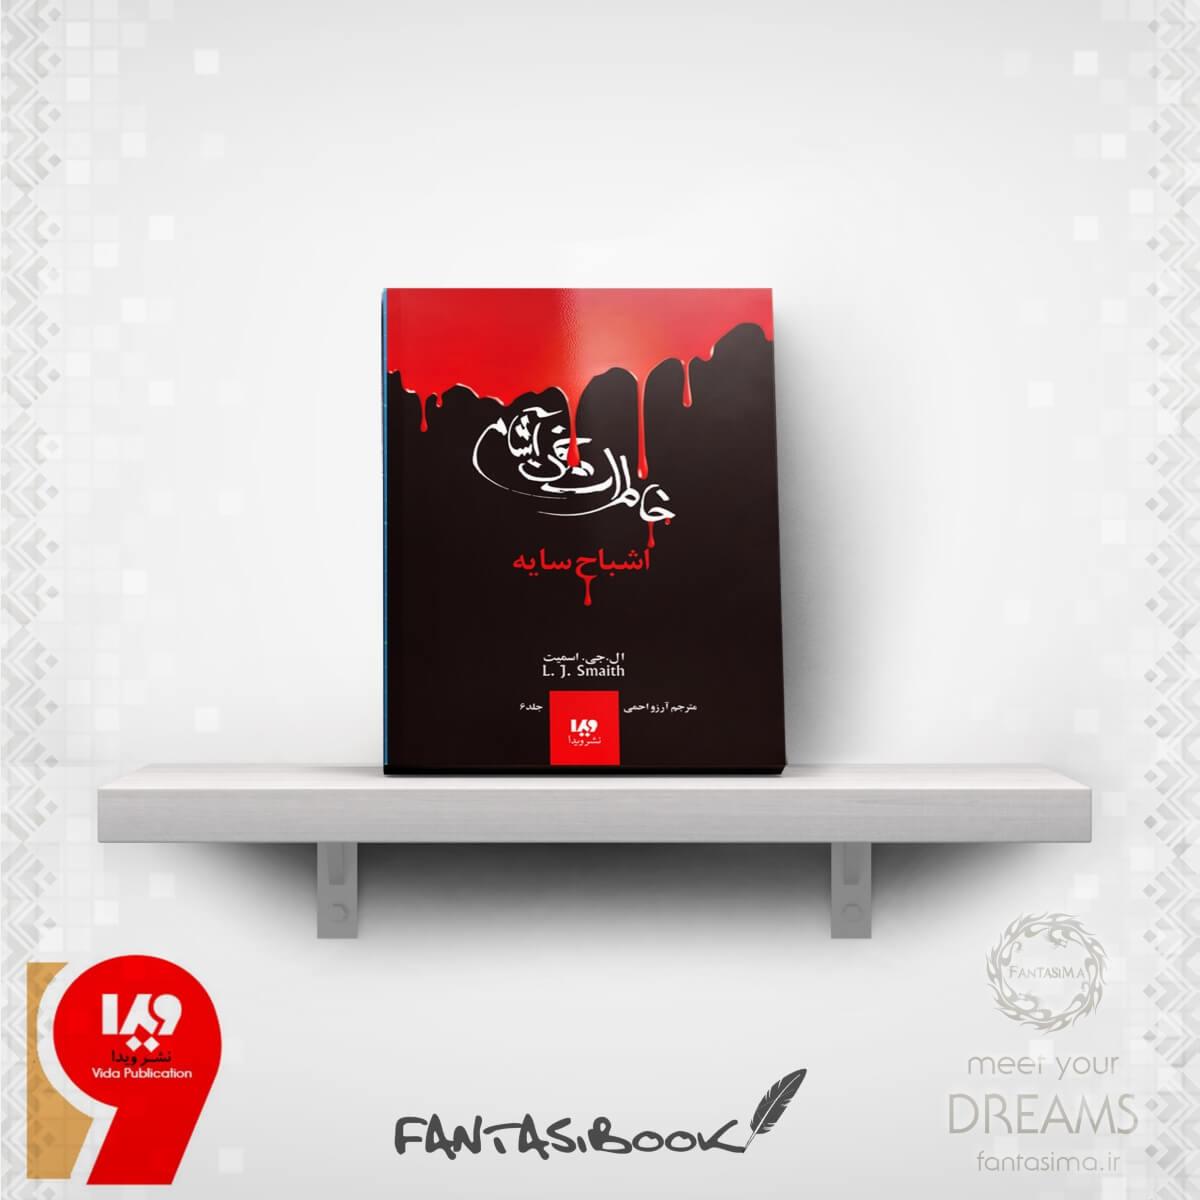 کتاب خاطرات خون آشام - جلد 6 - اشباح سایه